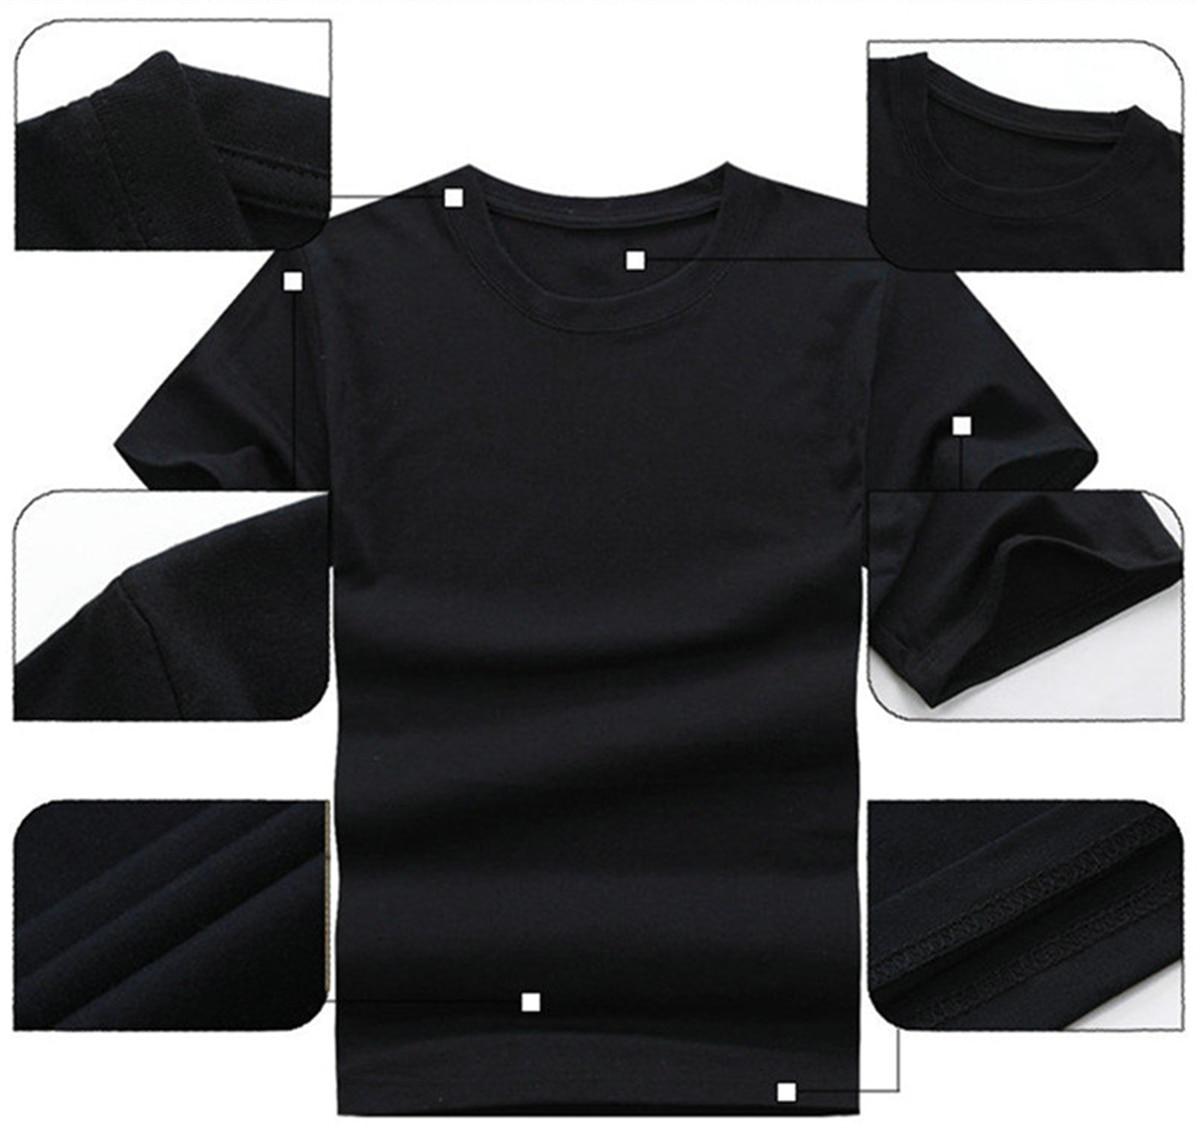 GILDAN Love Paintball Paint Splatter Distressed Camo Gear Shirt Dress female T-shirt